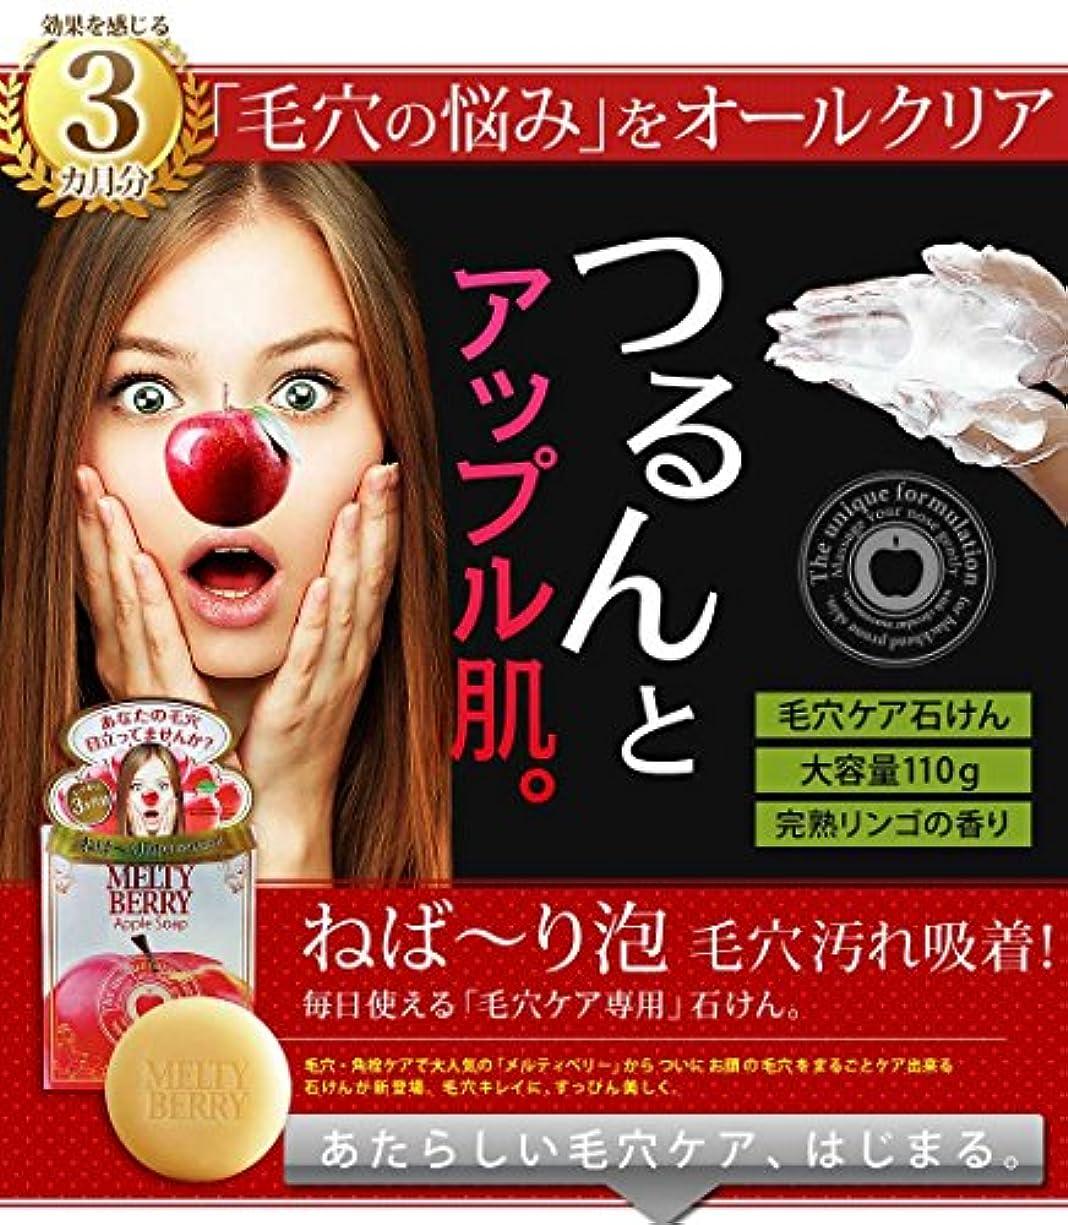 メルティベリーアップルソープ 2個セット(毛穴対策用洗顔石鹸)